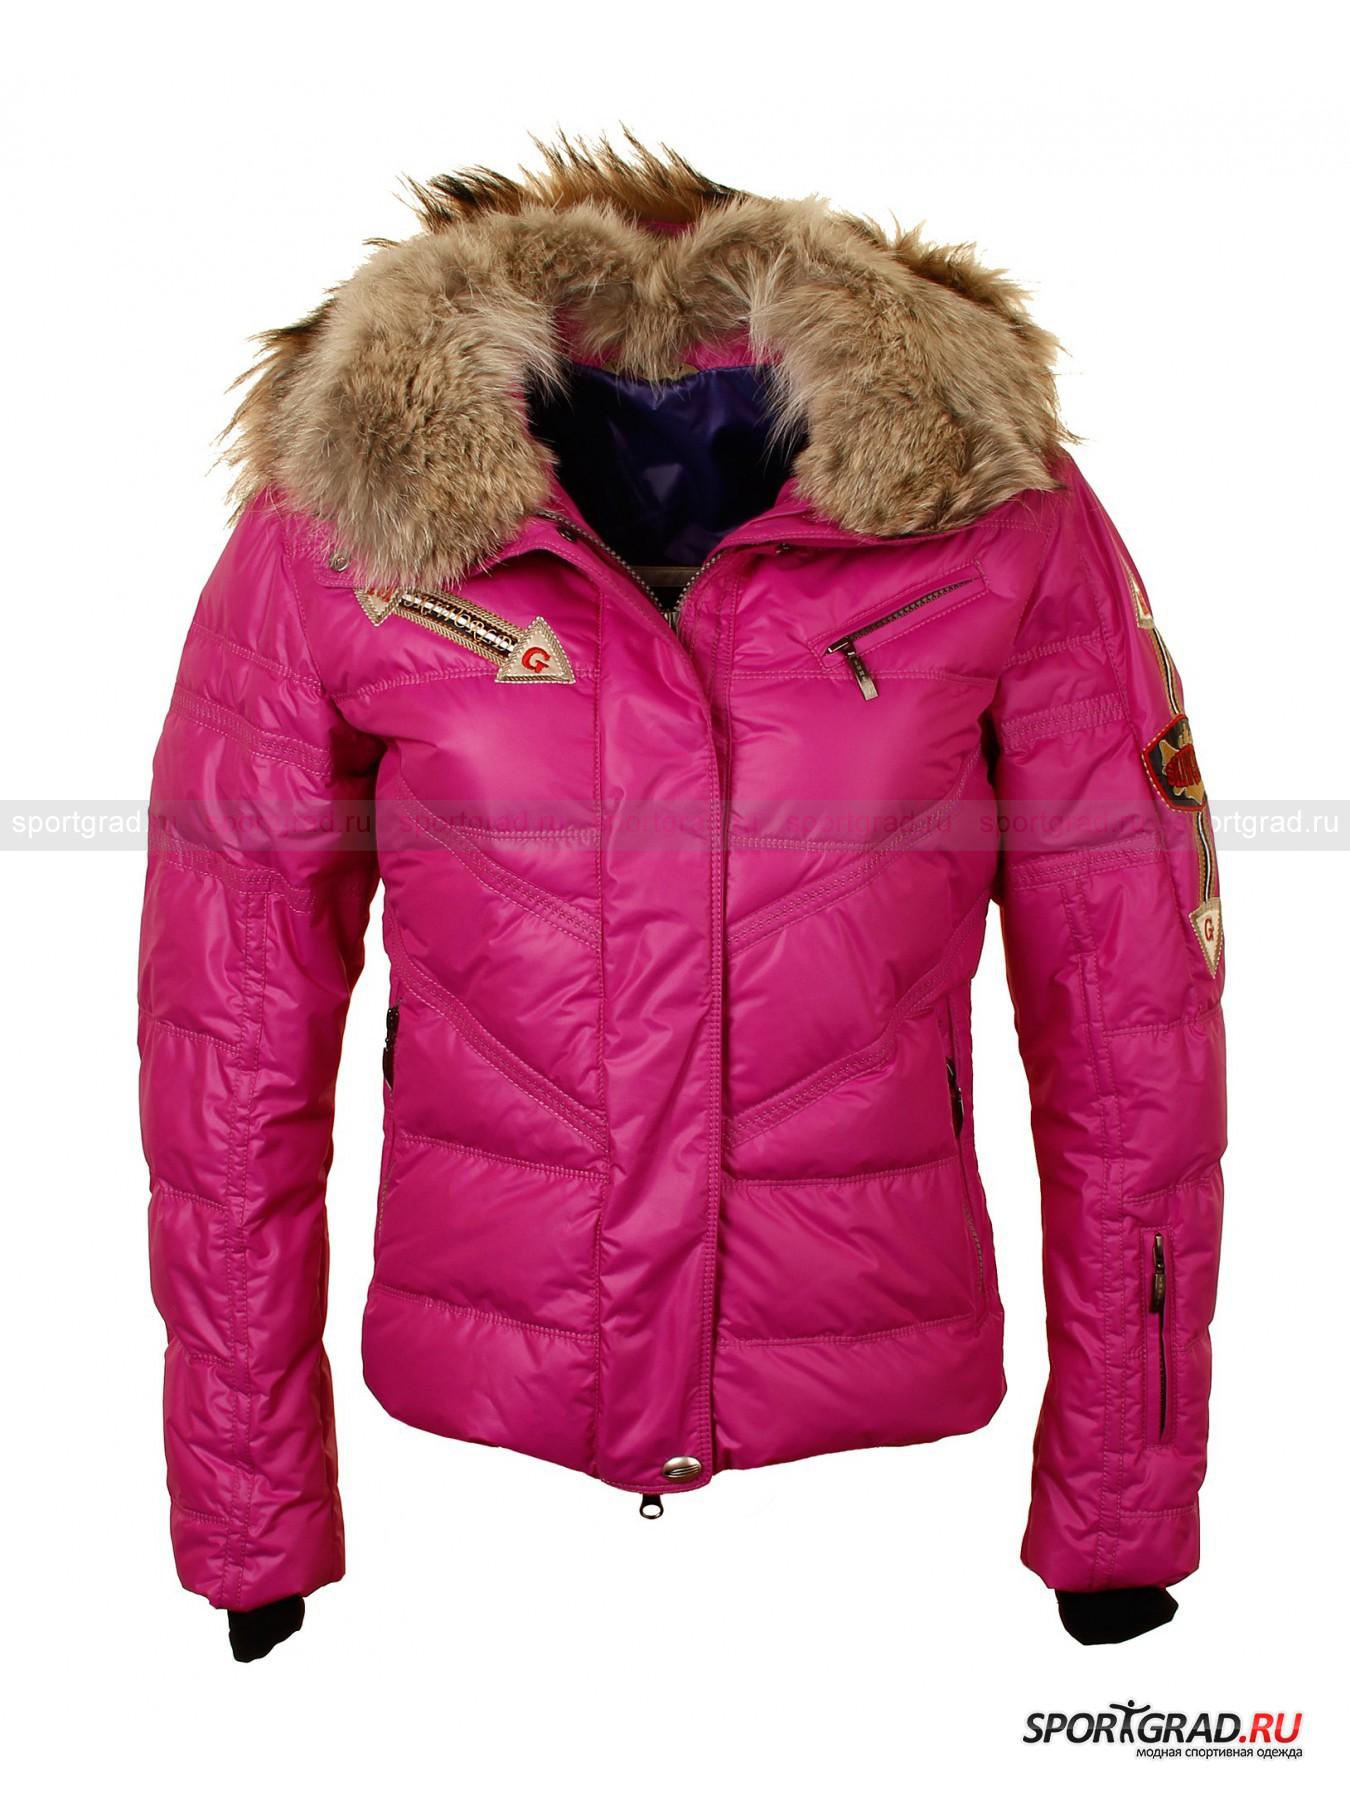 Куртка женская  ARROW EMMEGI с мехом на воротнике и капюшоне от Спортград